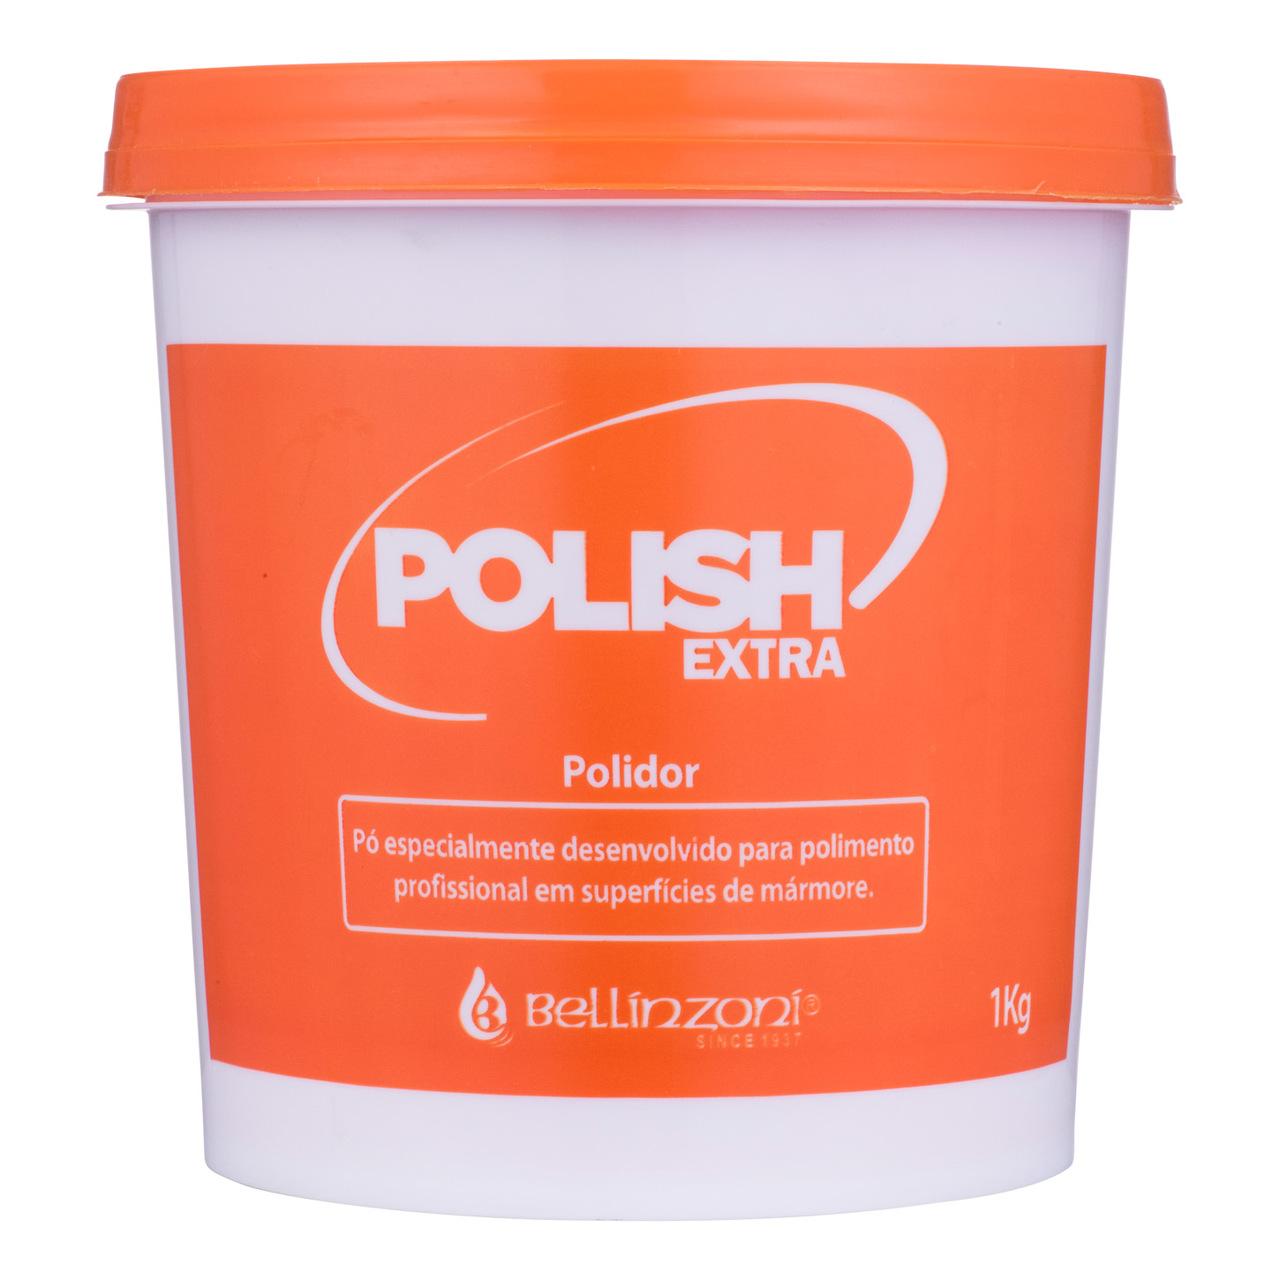 Polish extra polimento especial 1kg